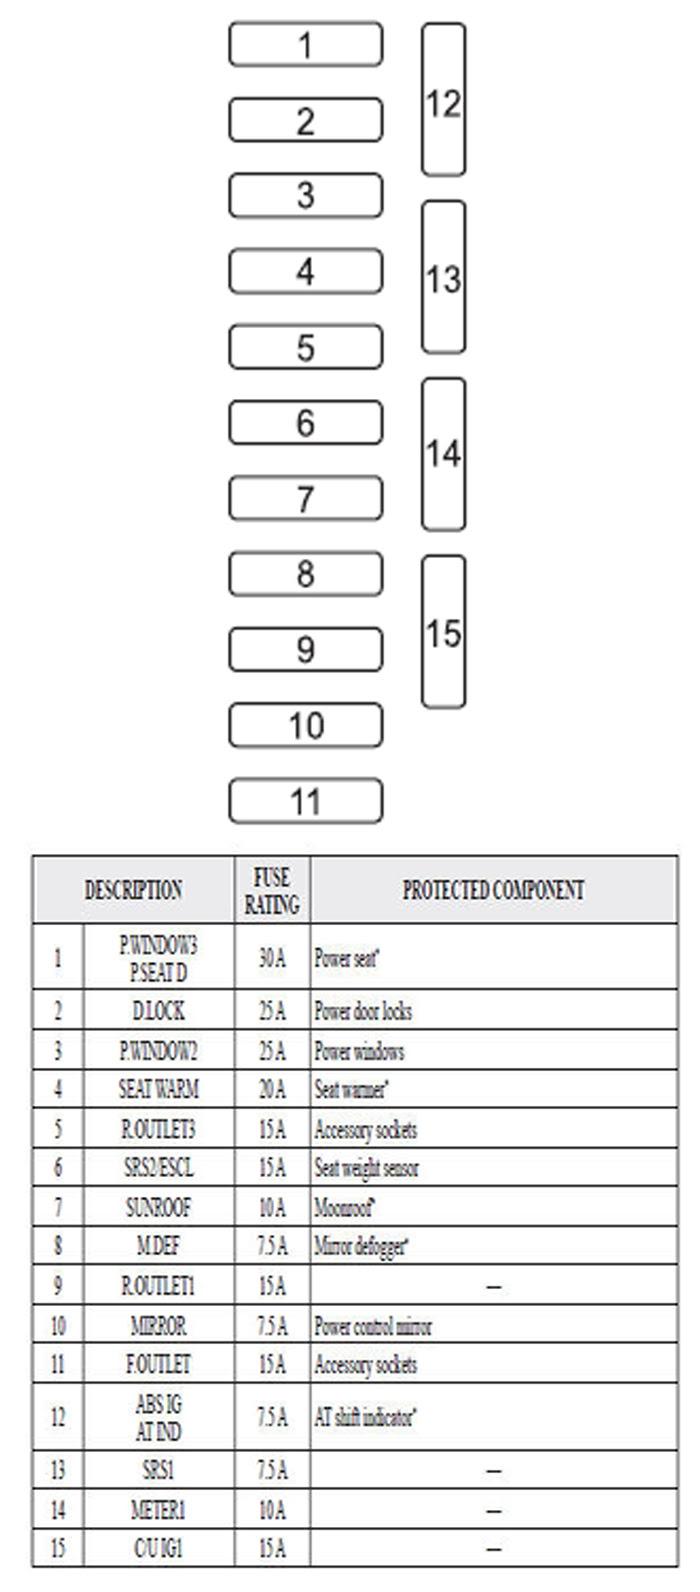 Fuse Box For Mazda 3 - Wiring Diagram